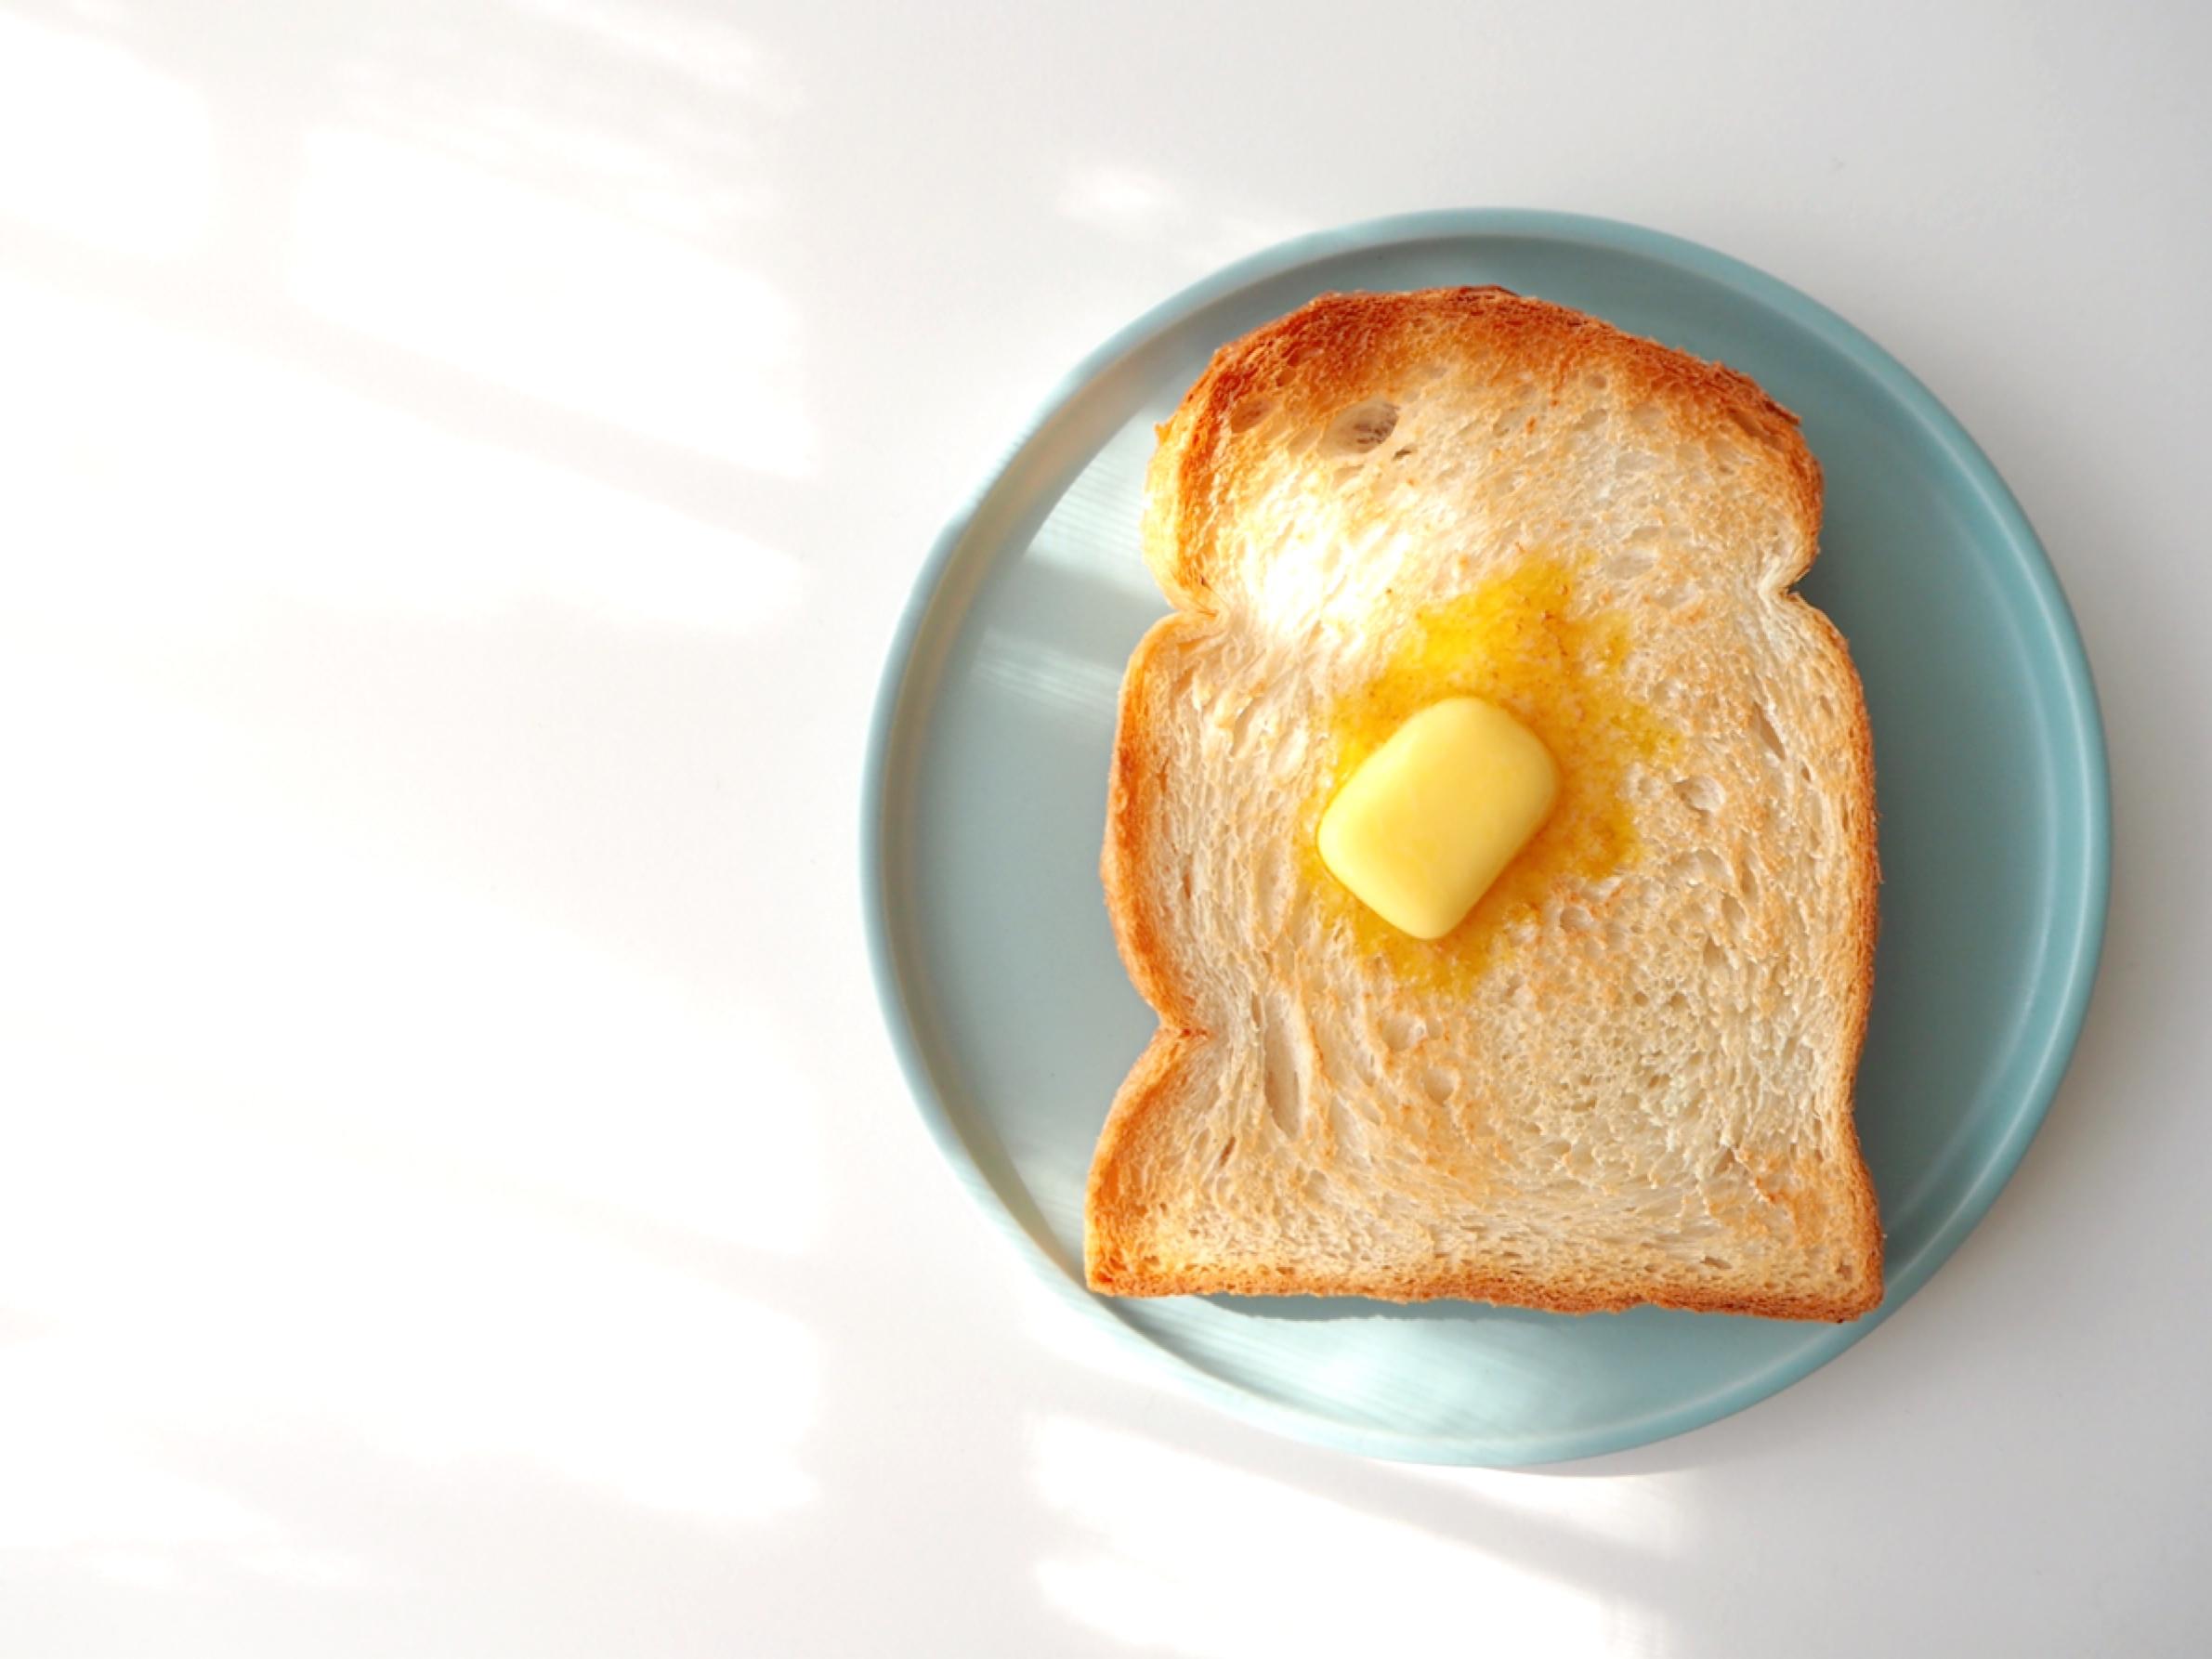 学者「朝ゴハンは食べた方がいいぞ→いや朝ゴハンは抜いとけ→朝ゴハンやっぱ体にええわ」